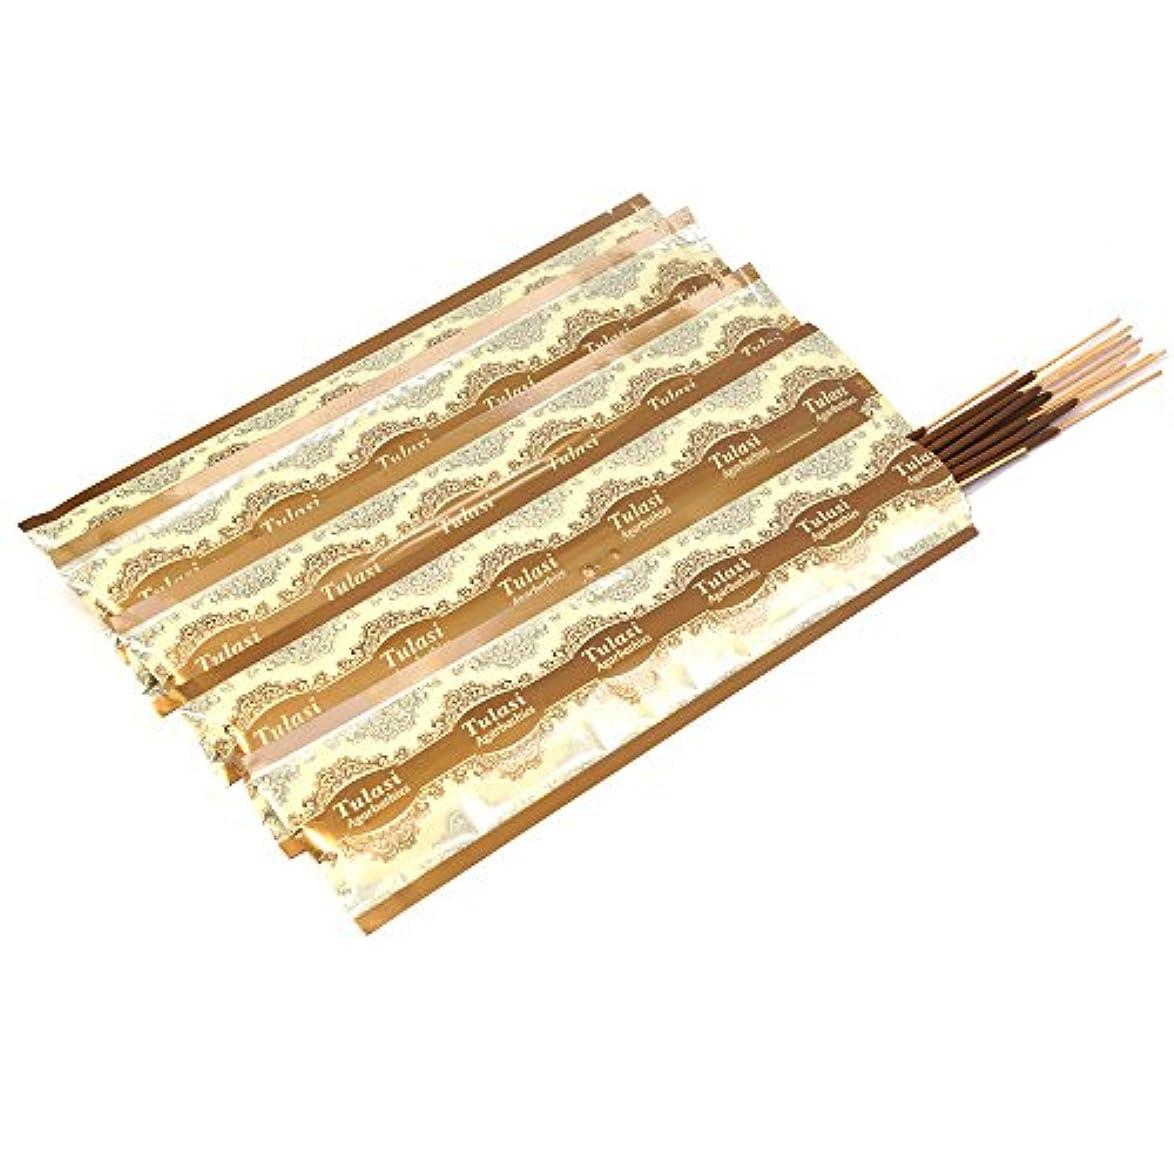 アドバイス言語予測Free Nag Champa variety Gift Pack in Herbal TreatジャンボAgarbatti   Incense Sticks Set of 15 Fragrances by Ikshvaku